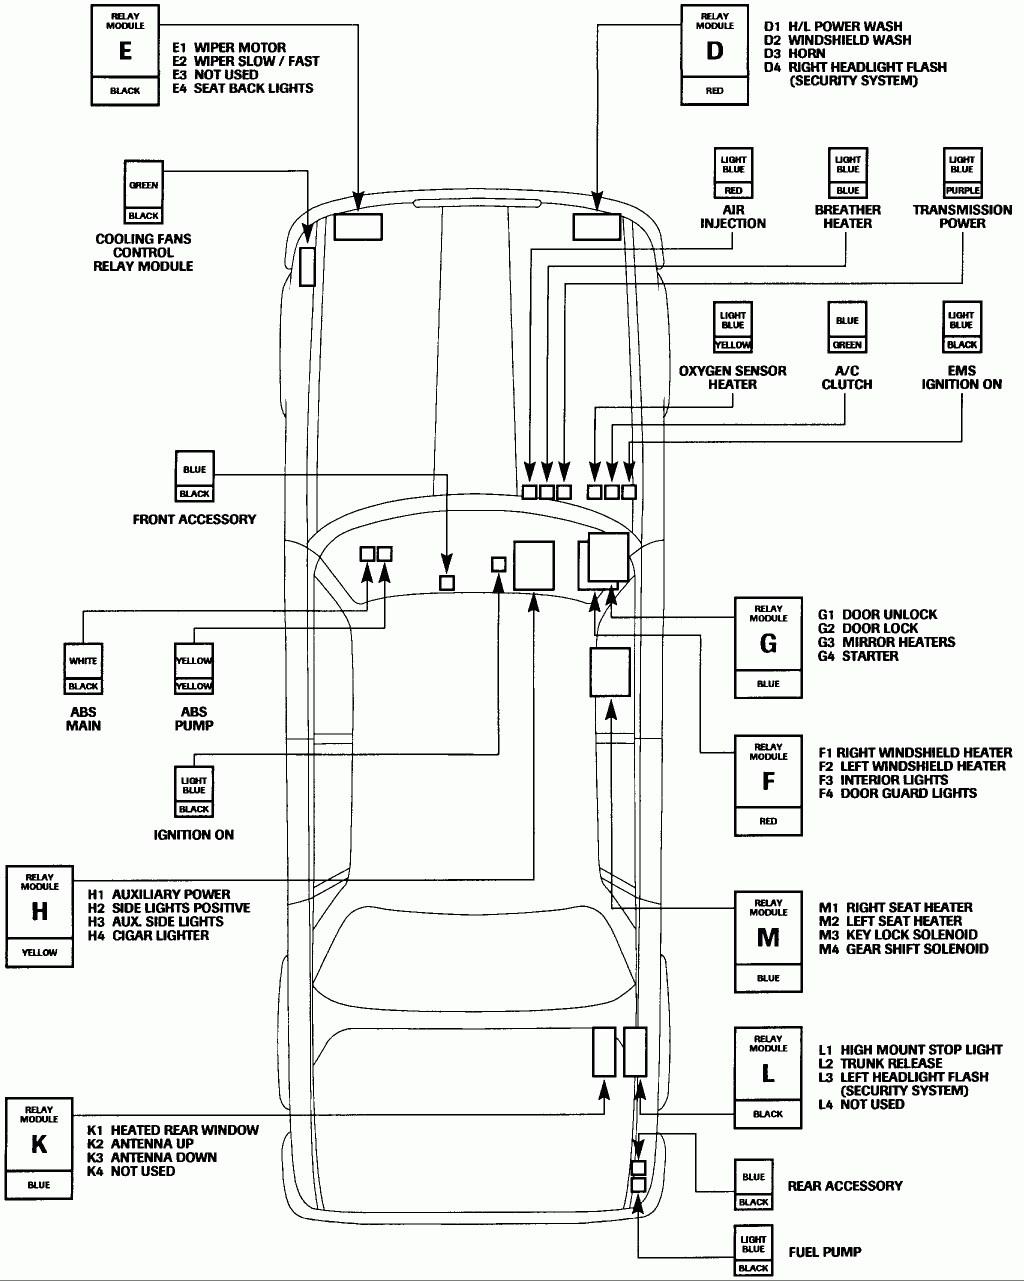 Wondrous 2002 Jaguar S Type Fuse Box Diagram Basic Electronics Wiring Diagram Wiring Cloud Ostrrenstrafr09Org